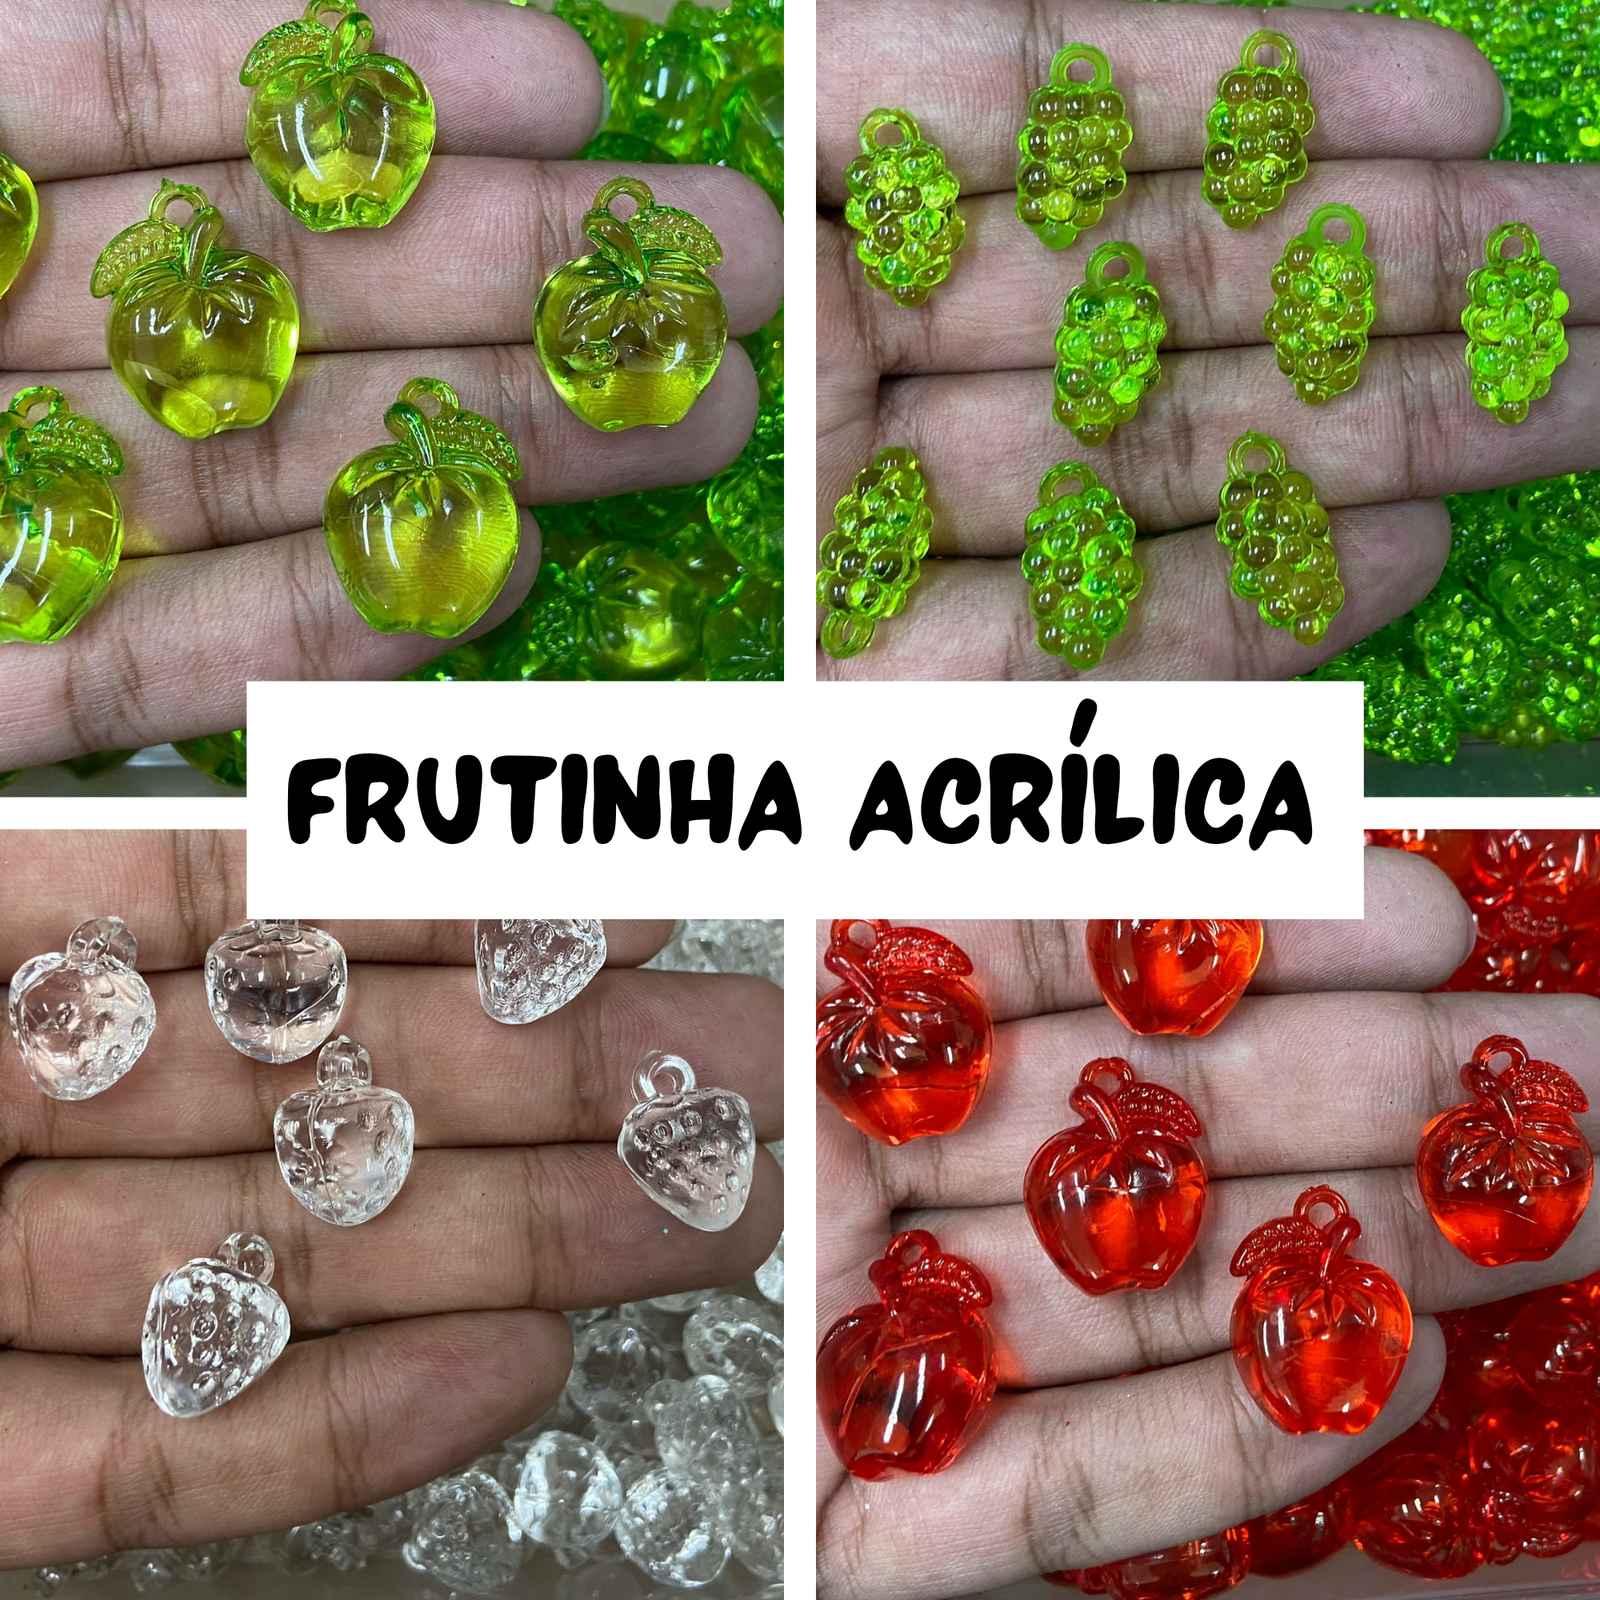 Pingentes Acrílicos de Frutinhas - Tamanhos Diversos - Pacote c/ 250g